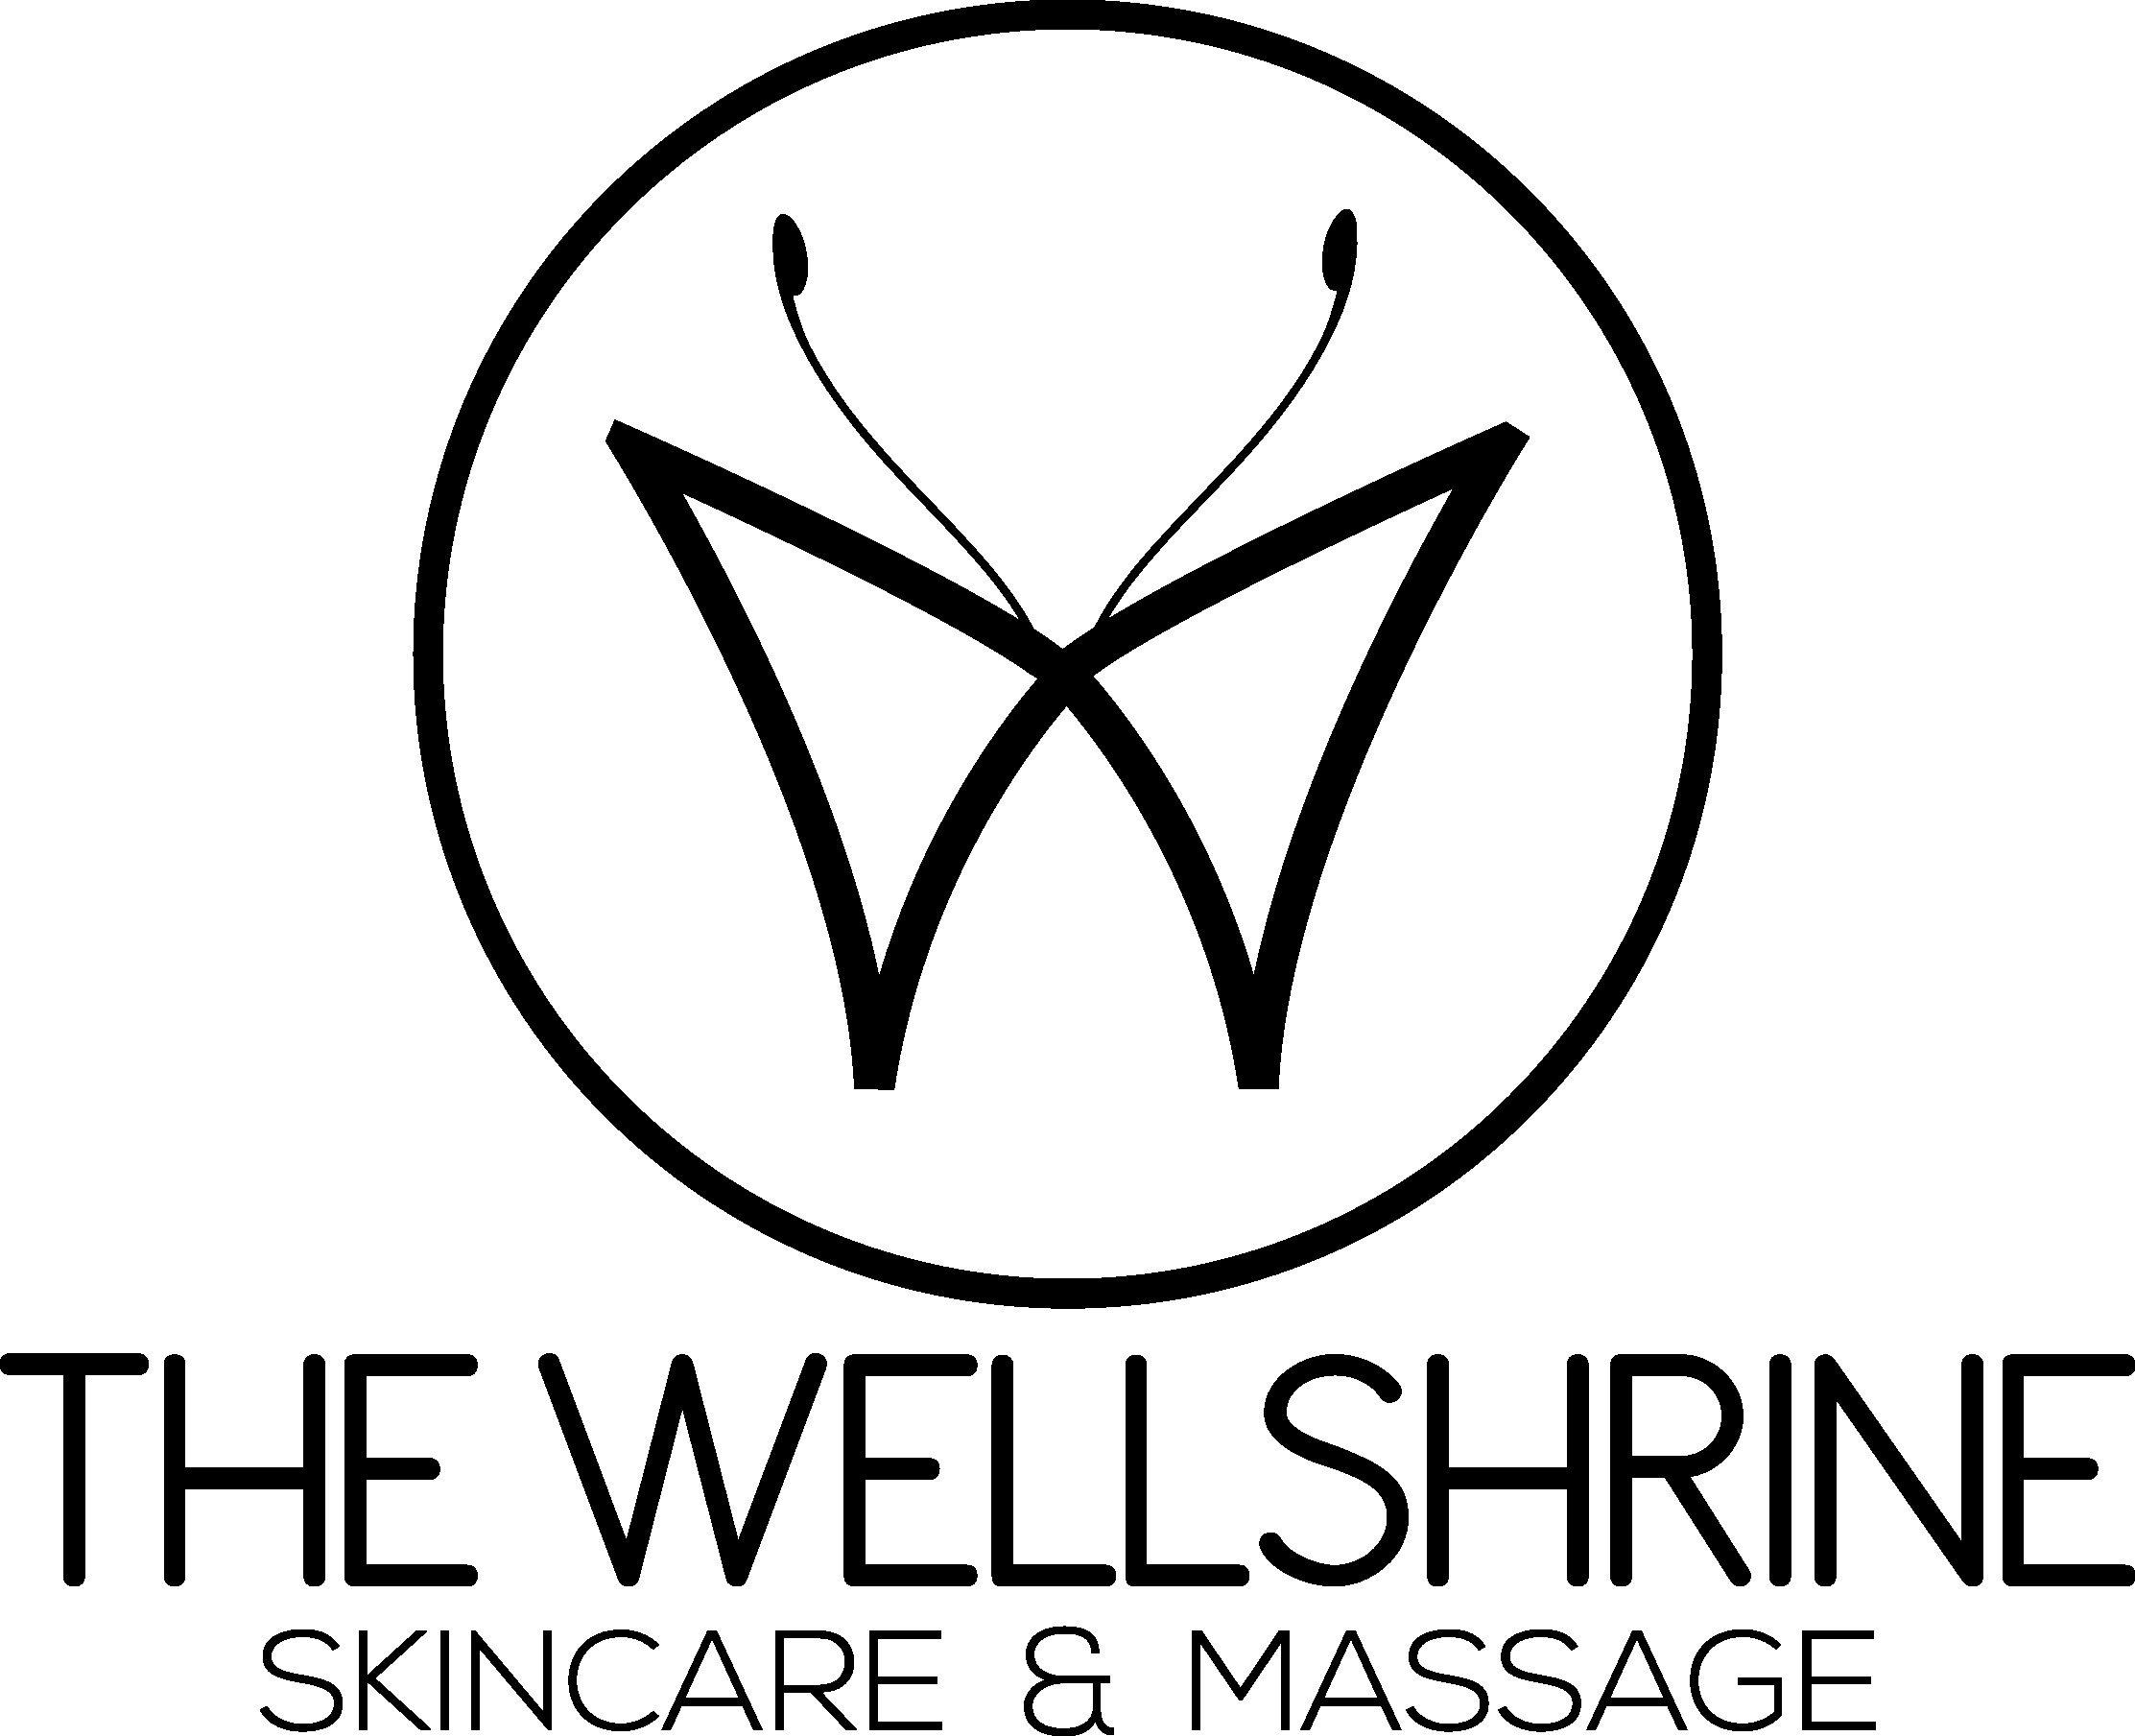 The Wellshrine